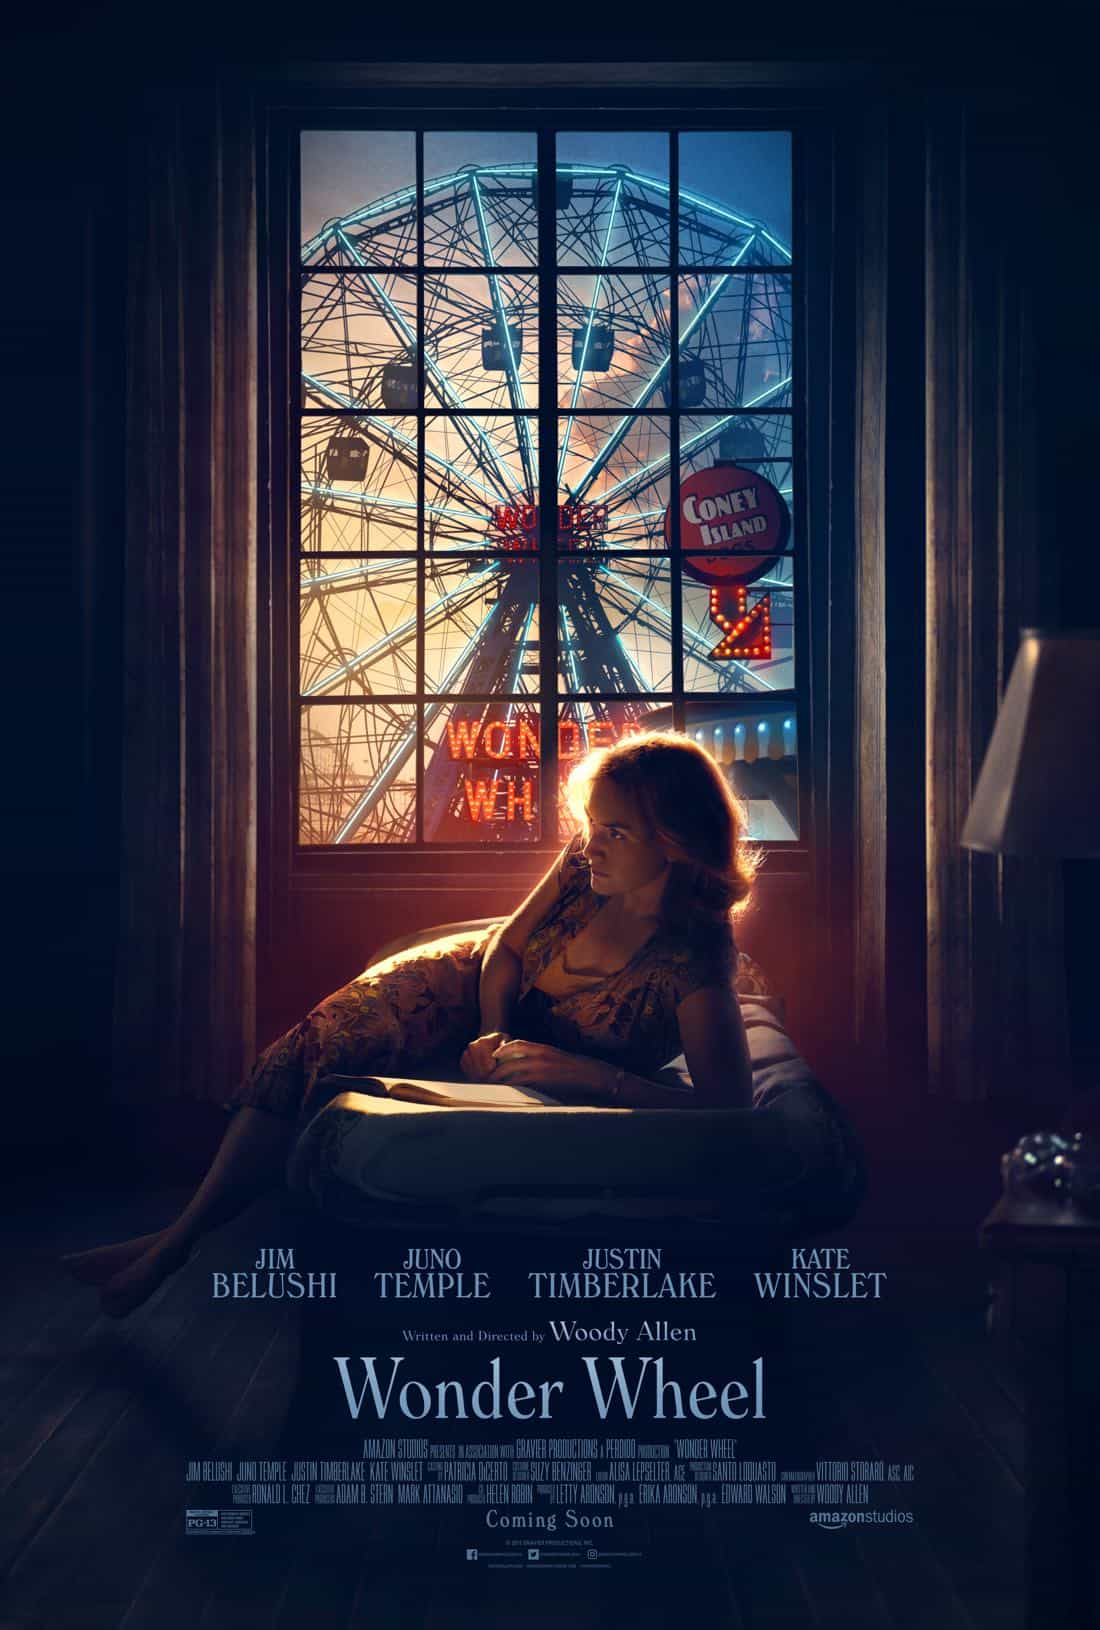 Wonder-Wheel-Movie-Poster